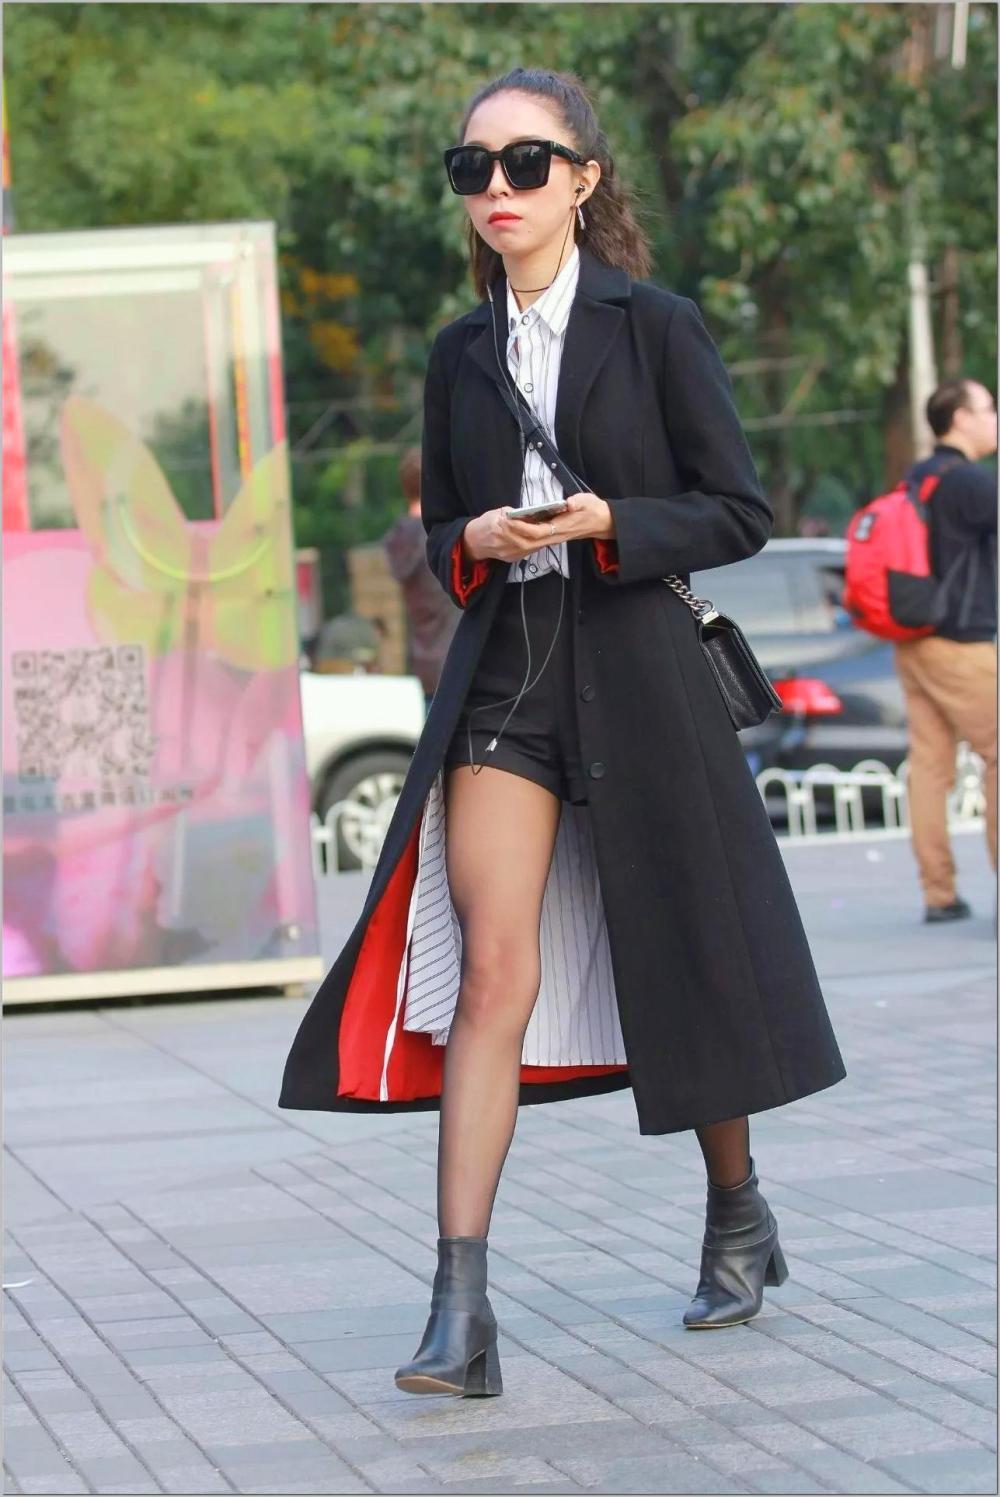 美女半扎丸子头黑超加身穿着休闲舒适,真是了不得的时尚